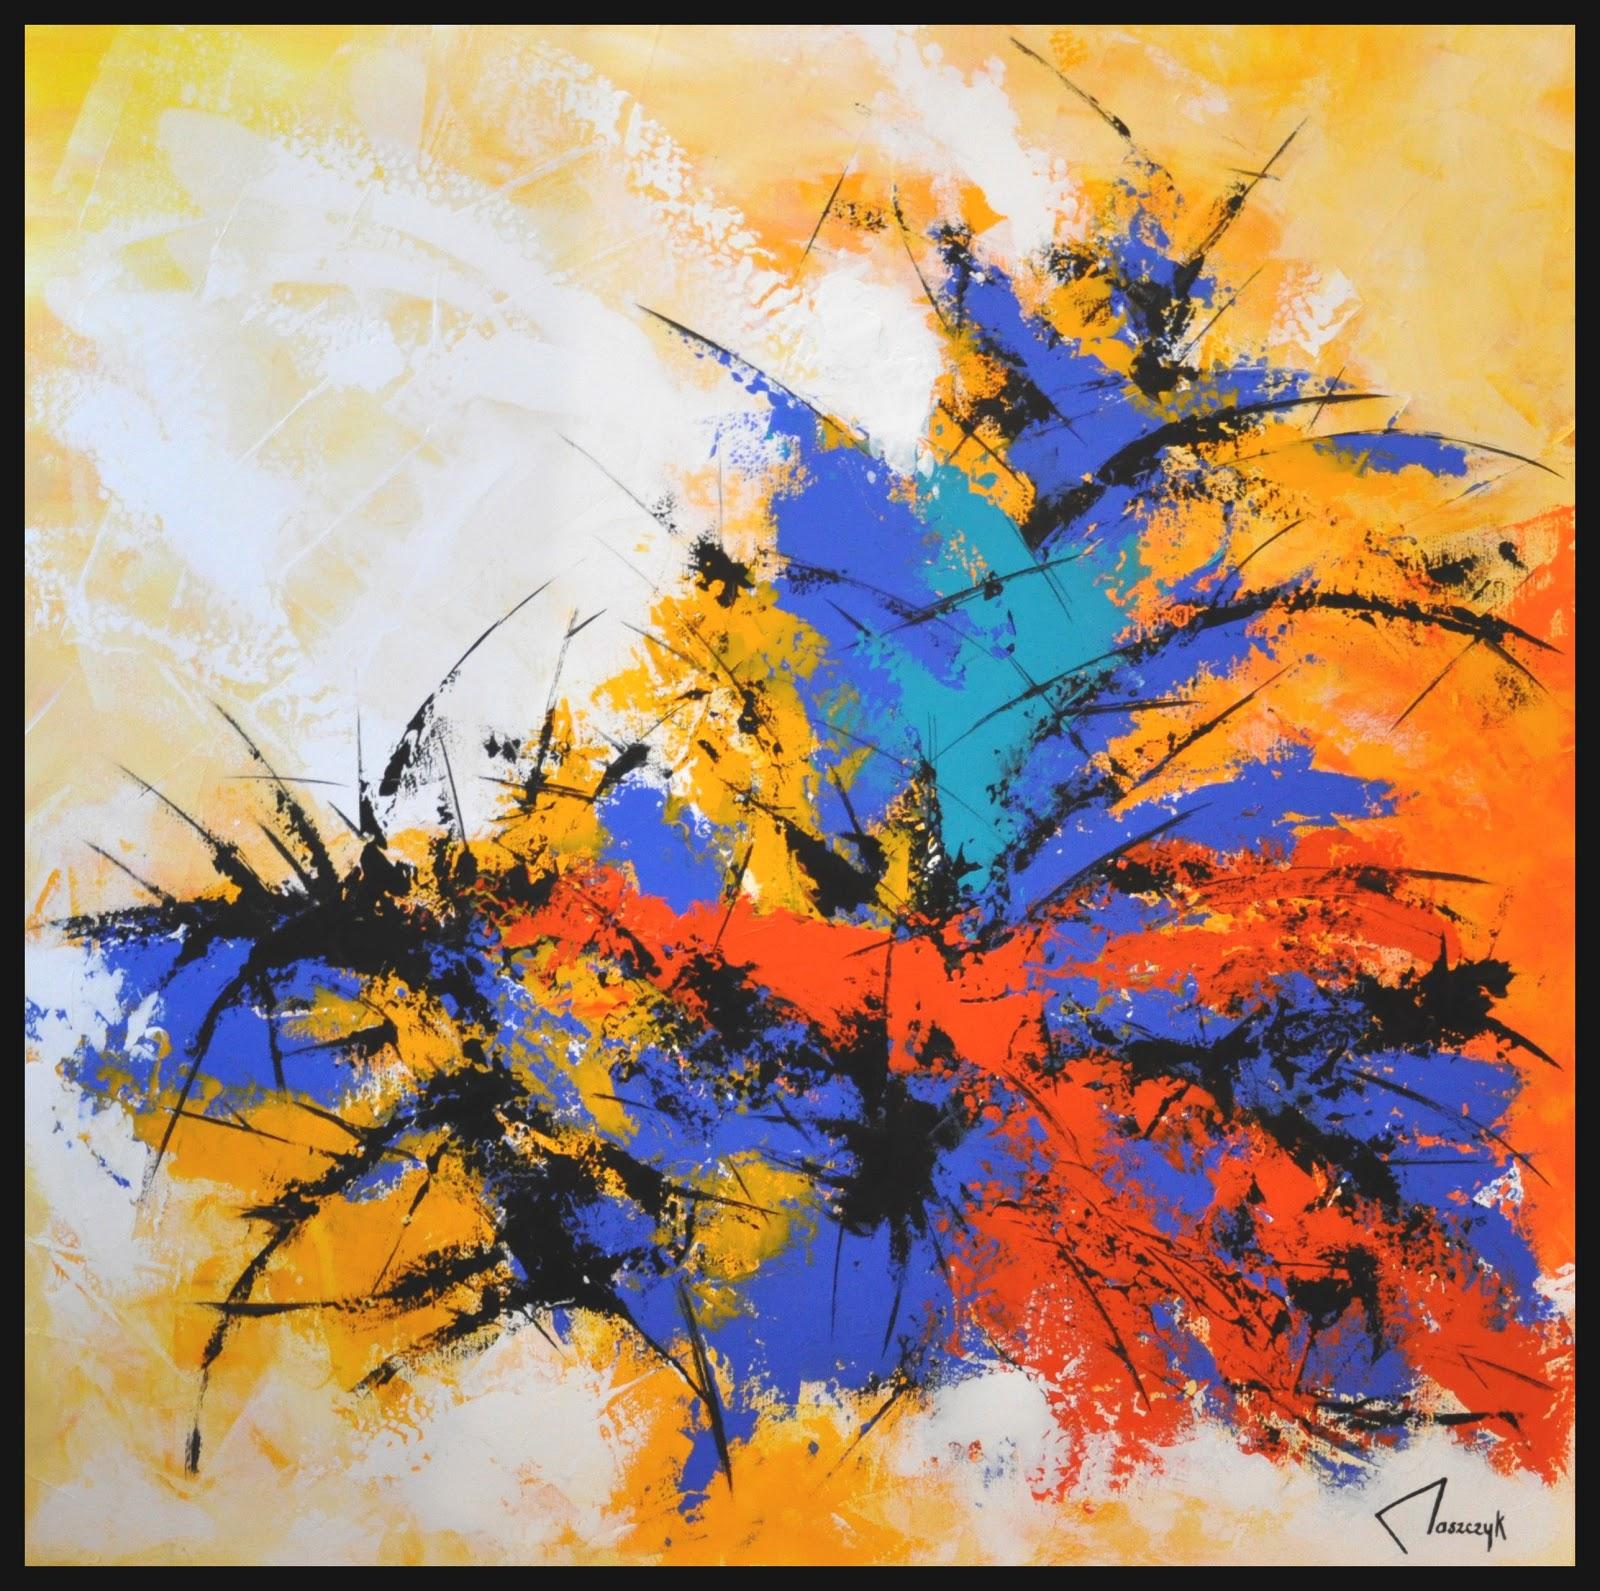 Galerie artistique b nodet for Abstraction lyrique